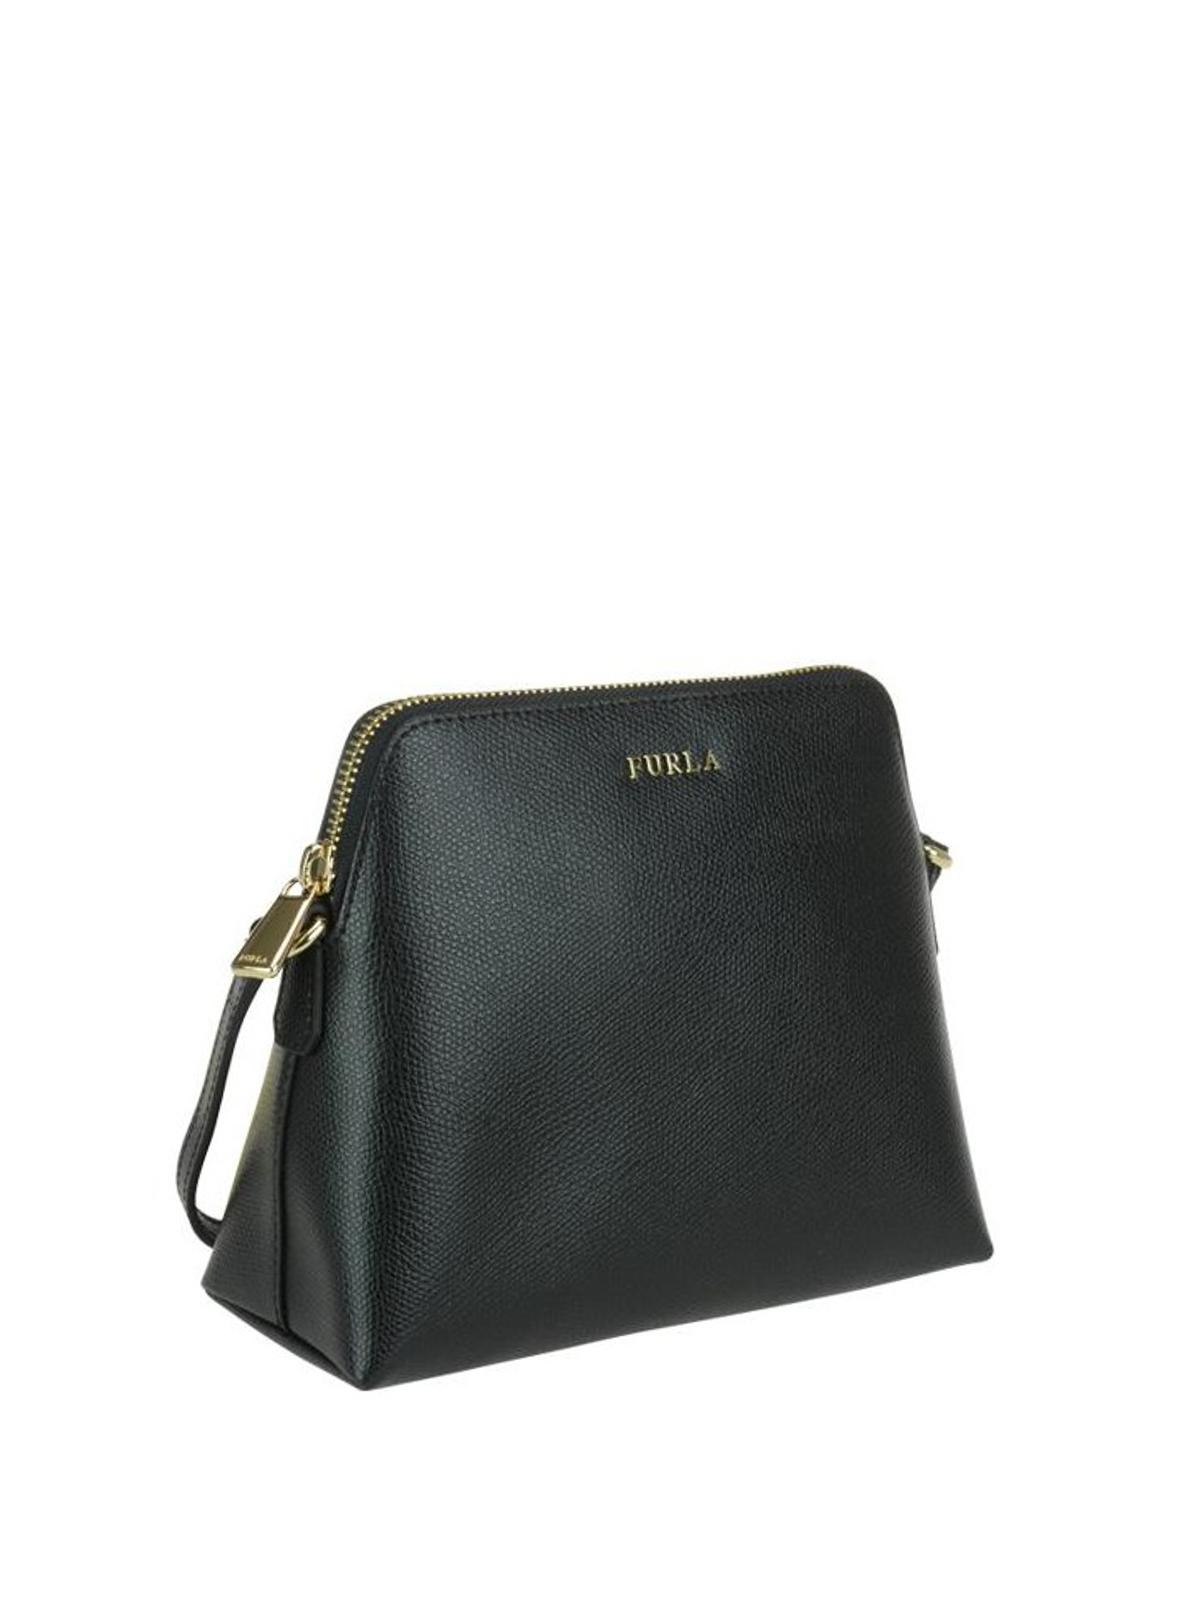 vasta selezione di 7e62f 4b5ec Furla - Tracolla nera Boheme XL - borse a tracolla - 943606 ...